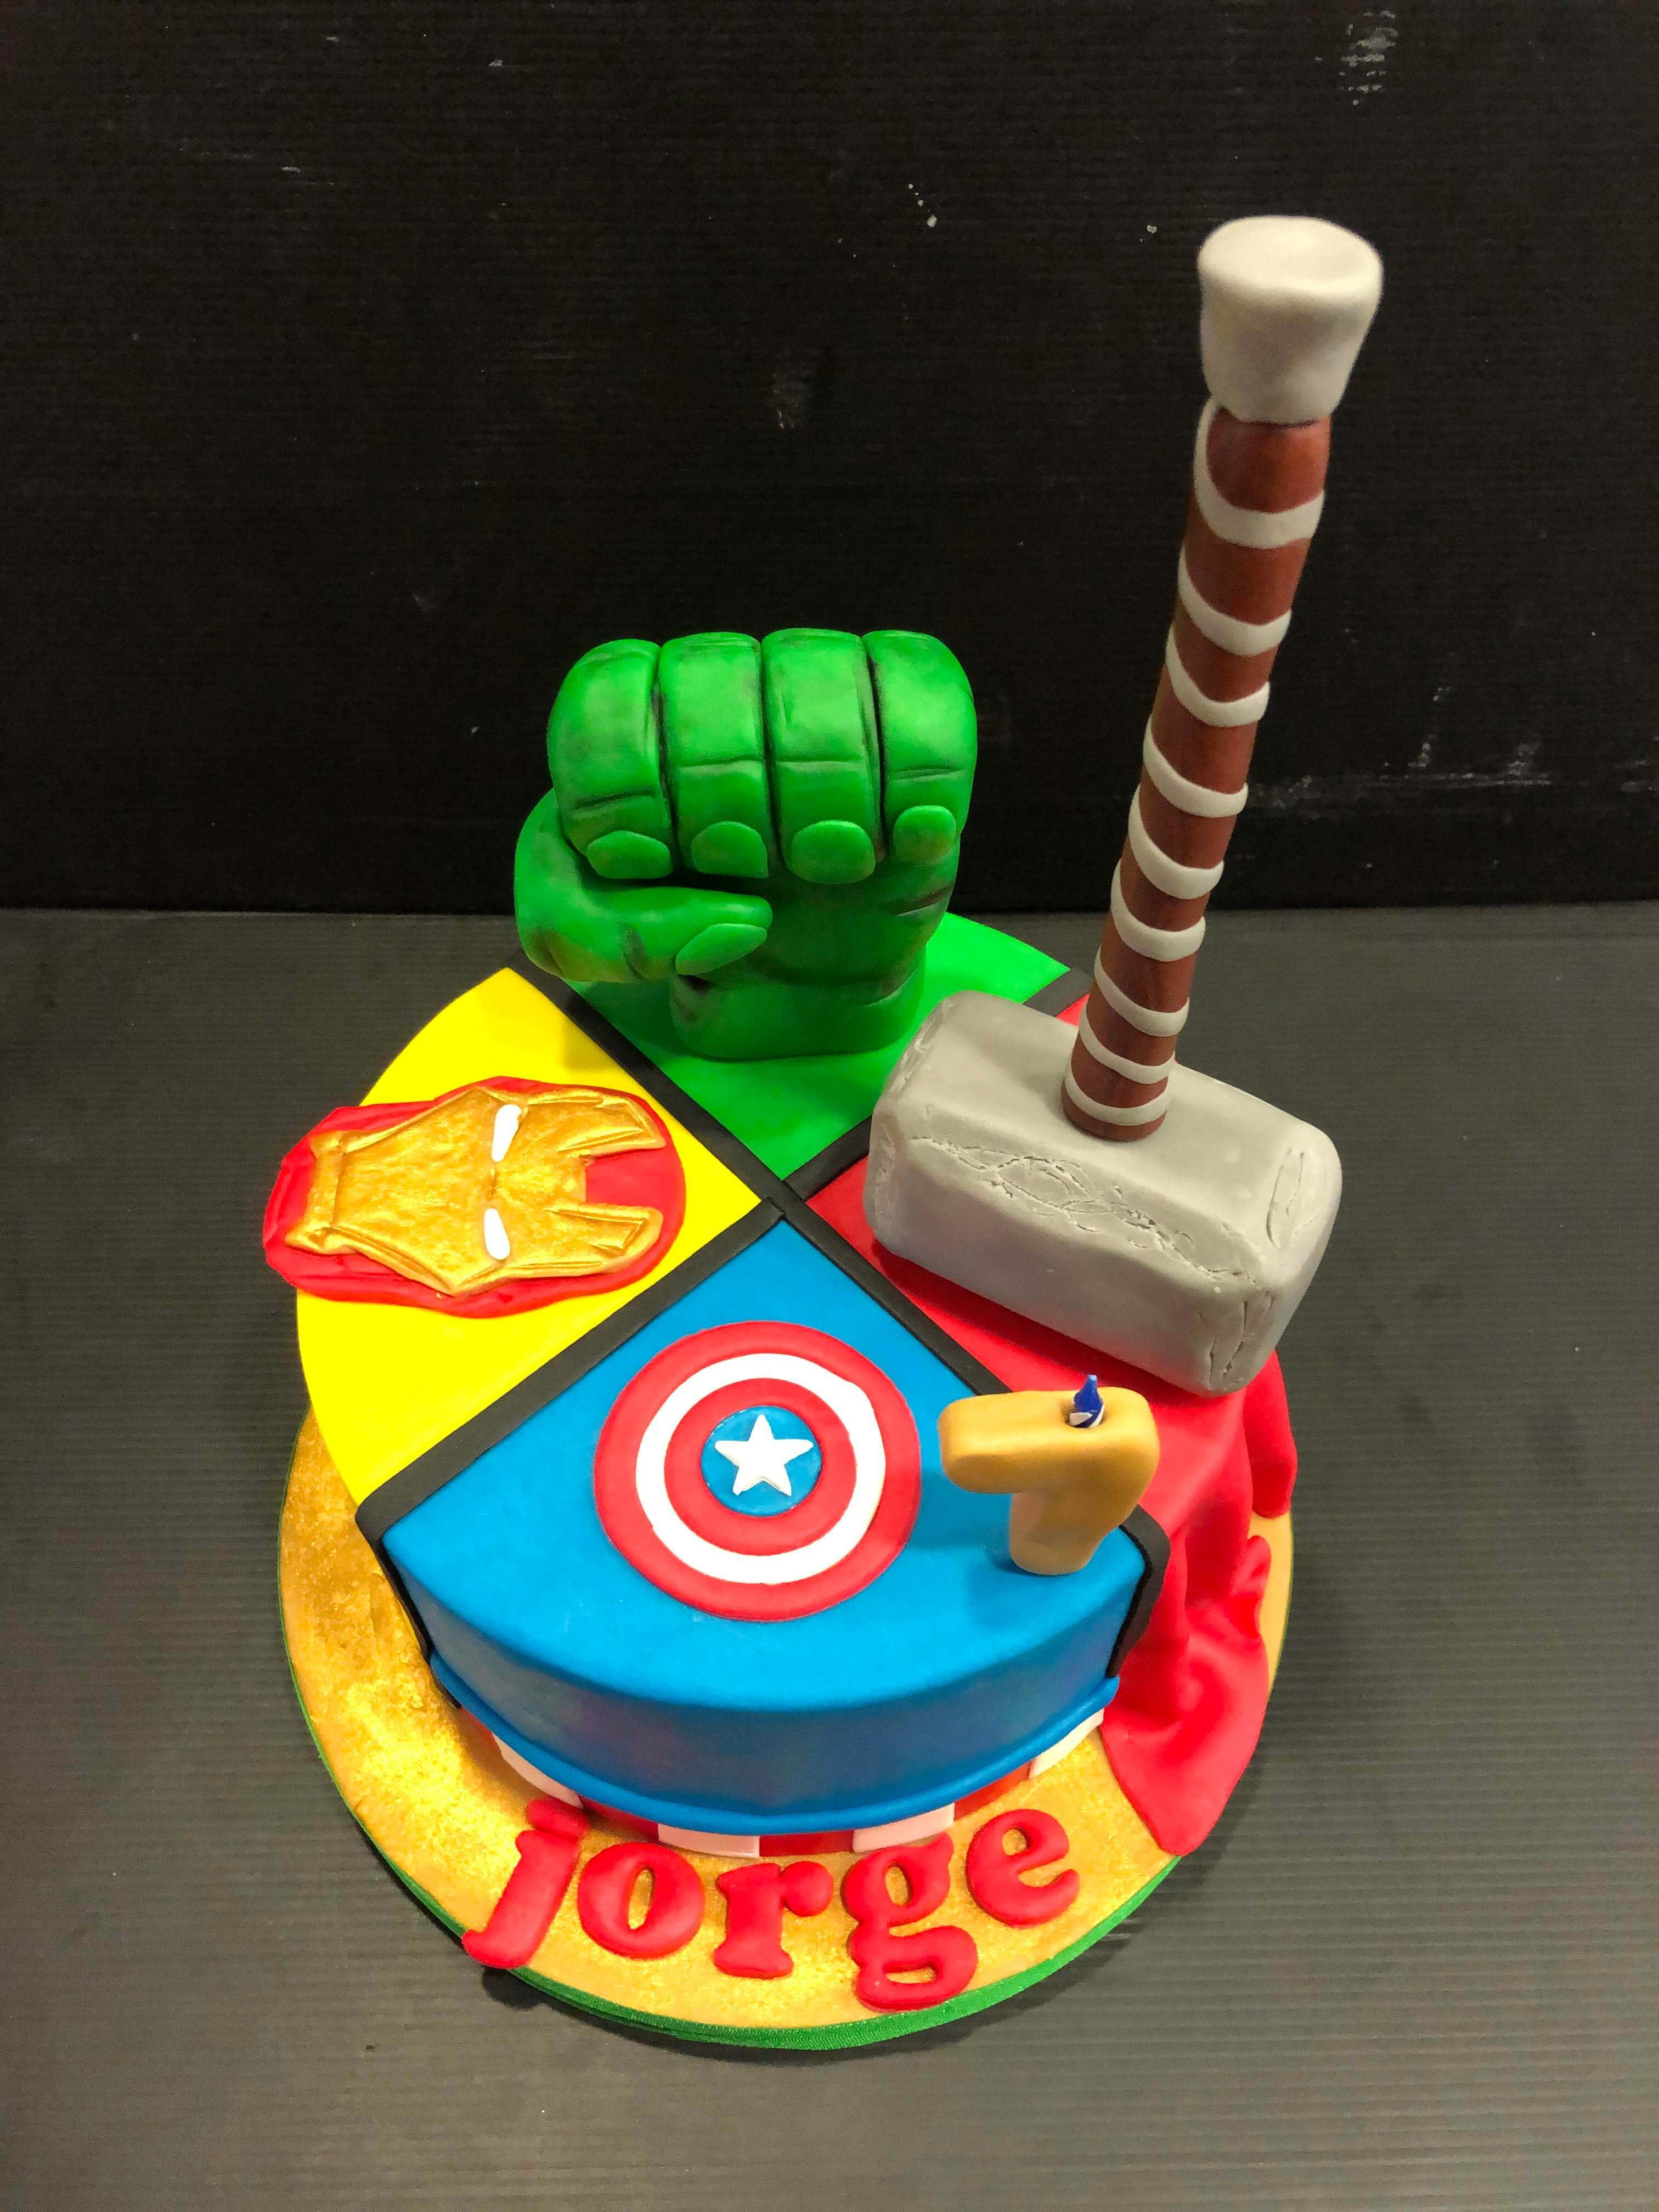 Tarta fondnat vengadores ironman thor hulk capitán américa